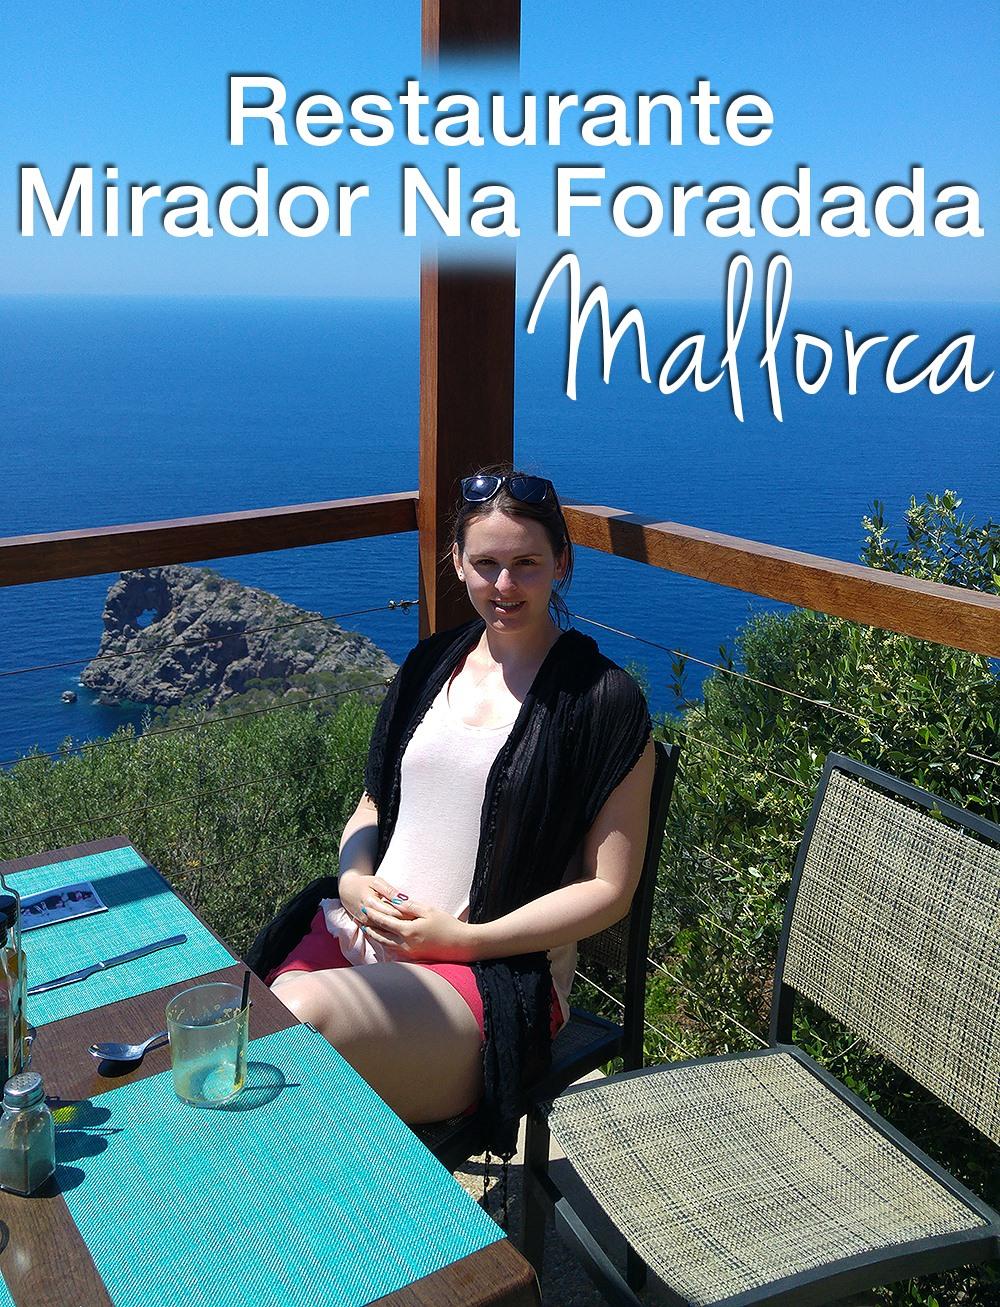 Mallorca-Restaurante-Mirador-Na-Foradada-Pinterest